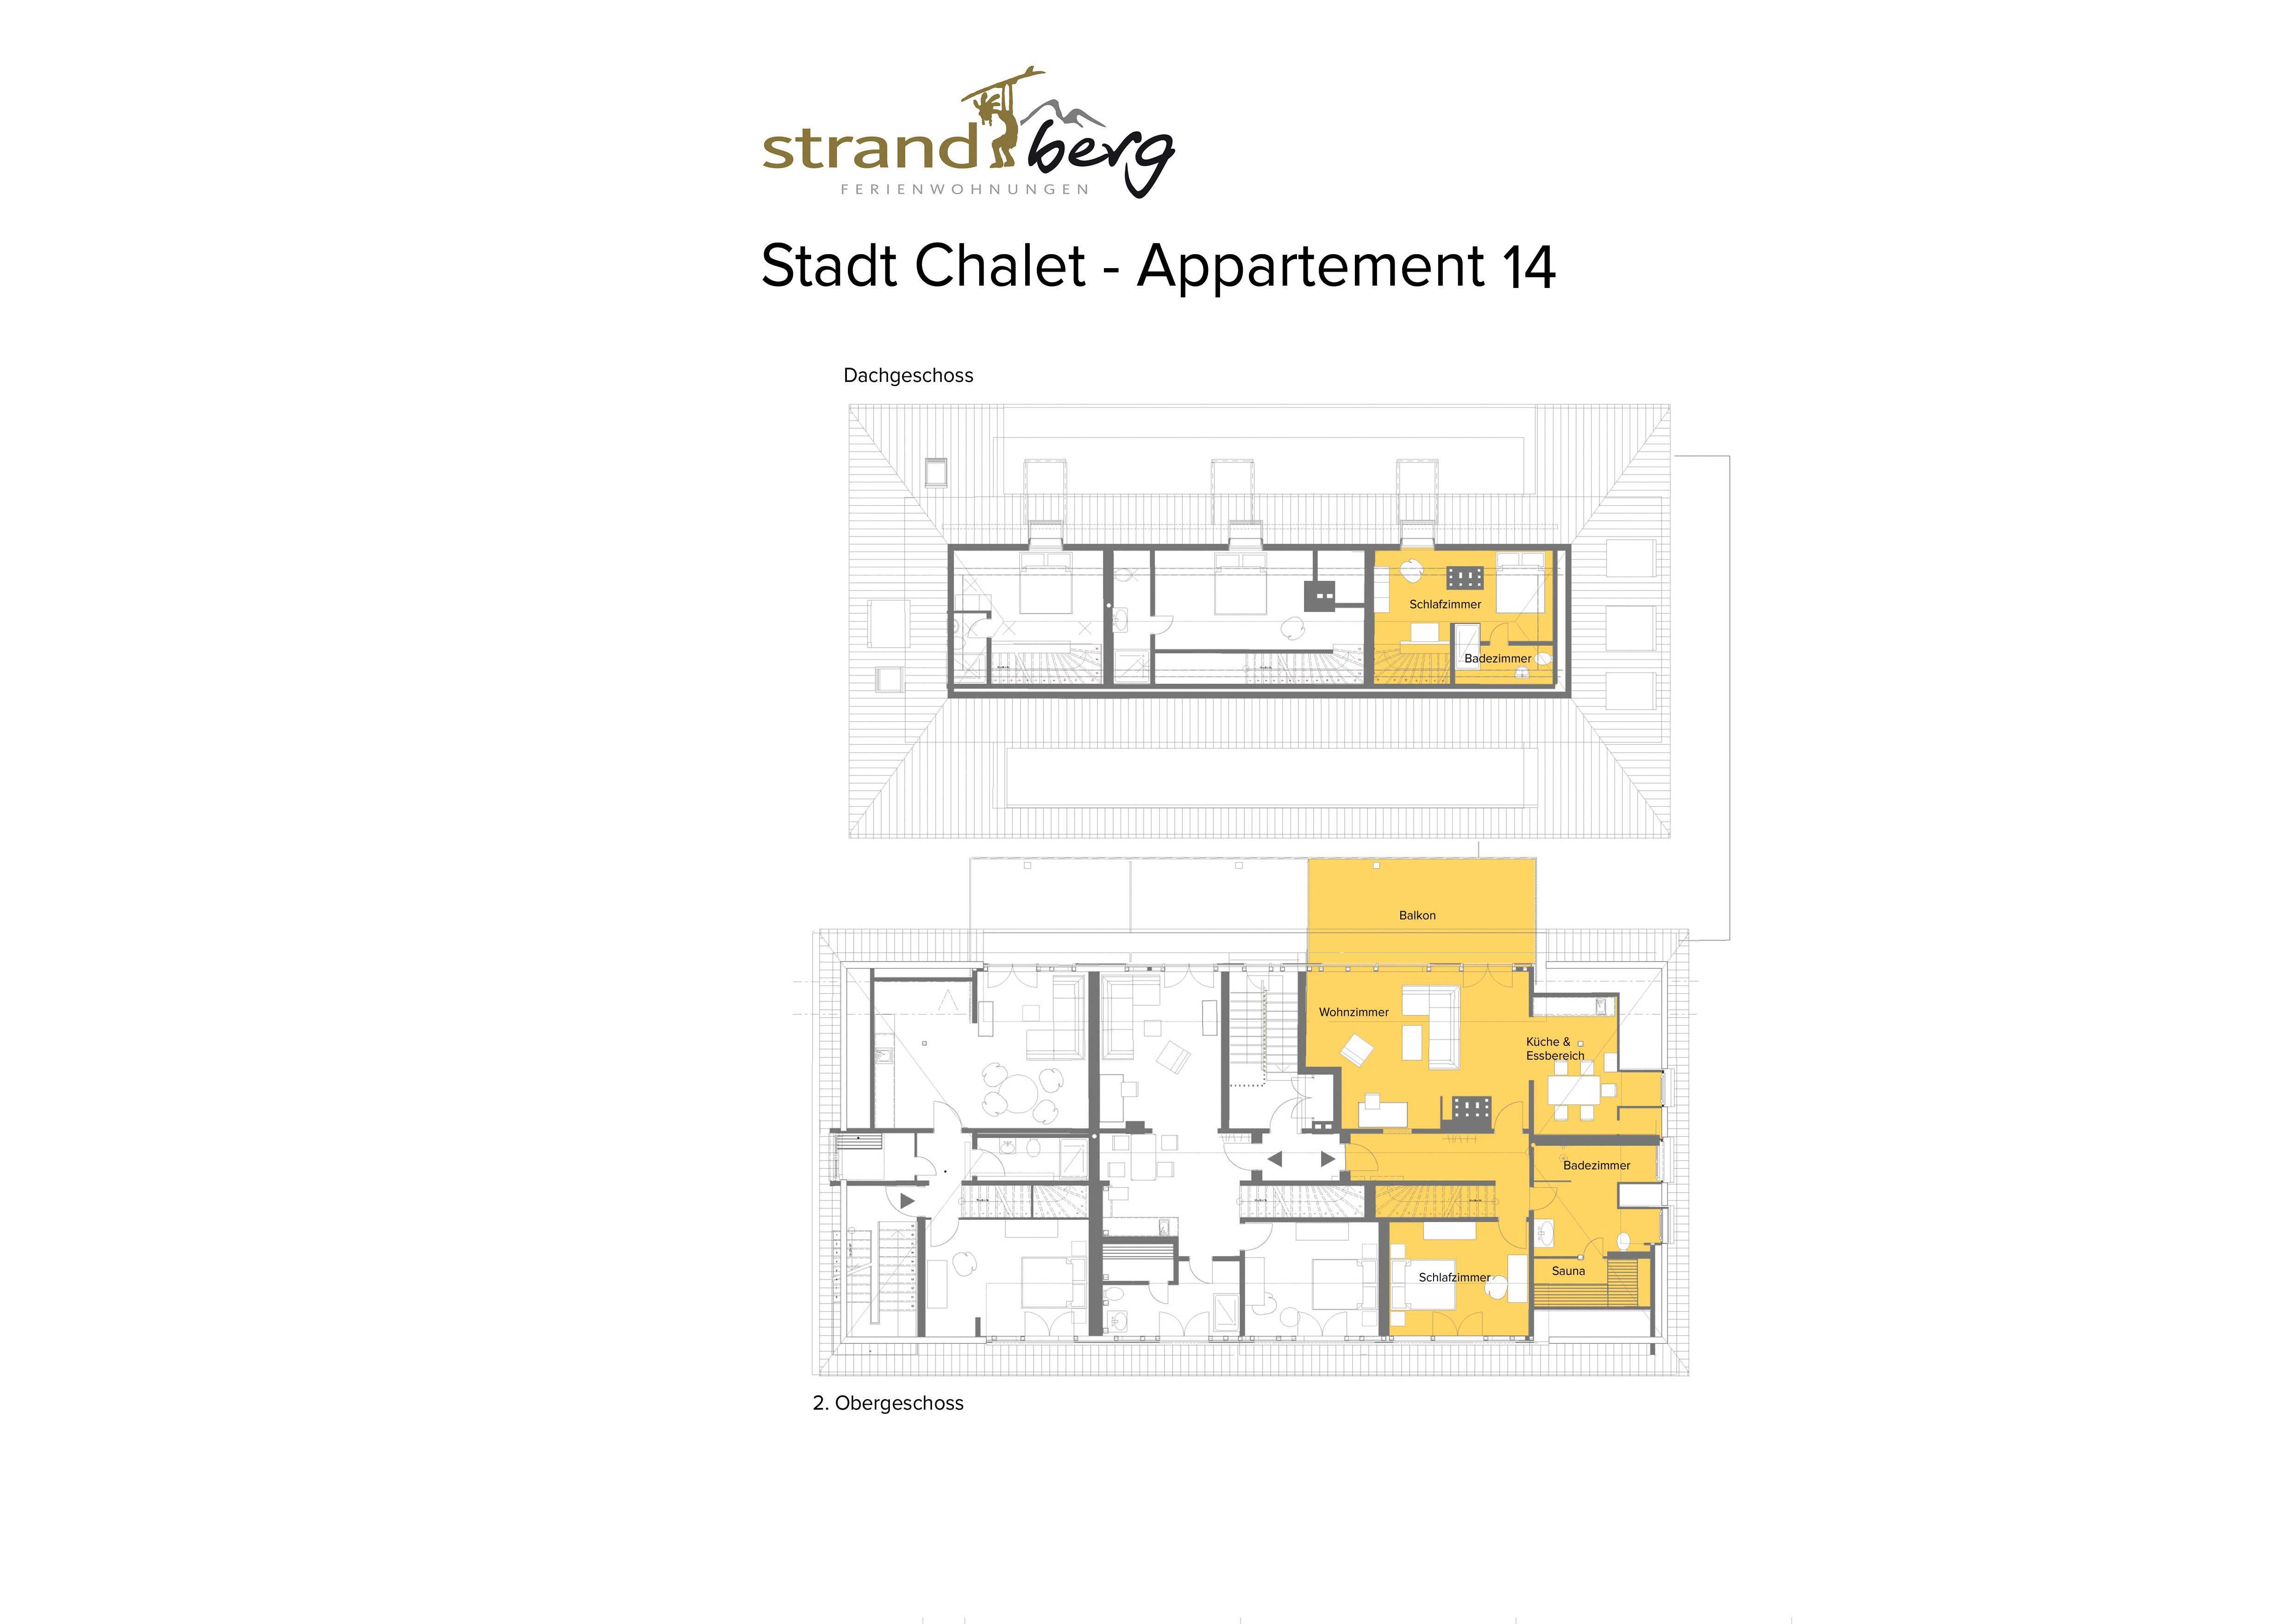 Stadt Chalet Appartement 14 - Grundriss